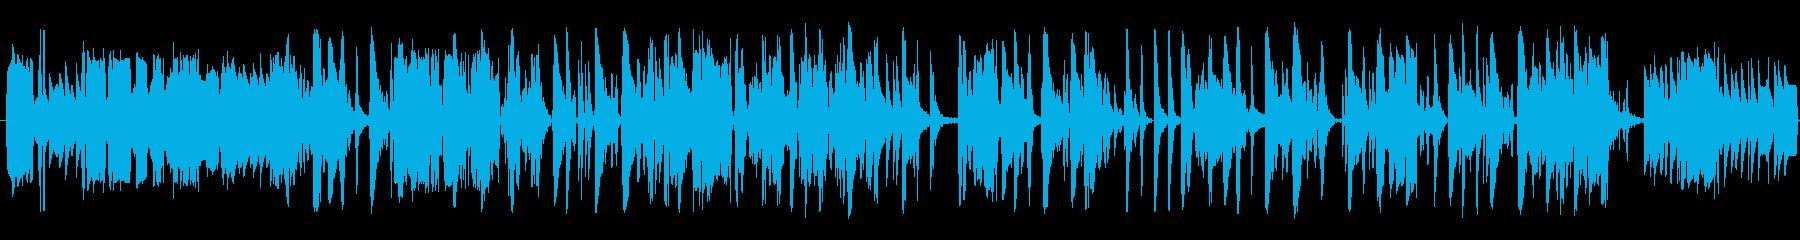 信号コードSci Fiバンパーの再生済みの波形